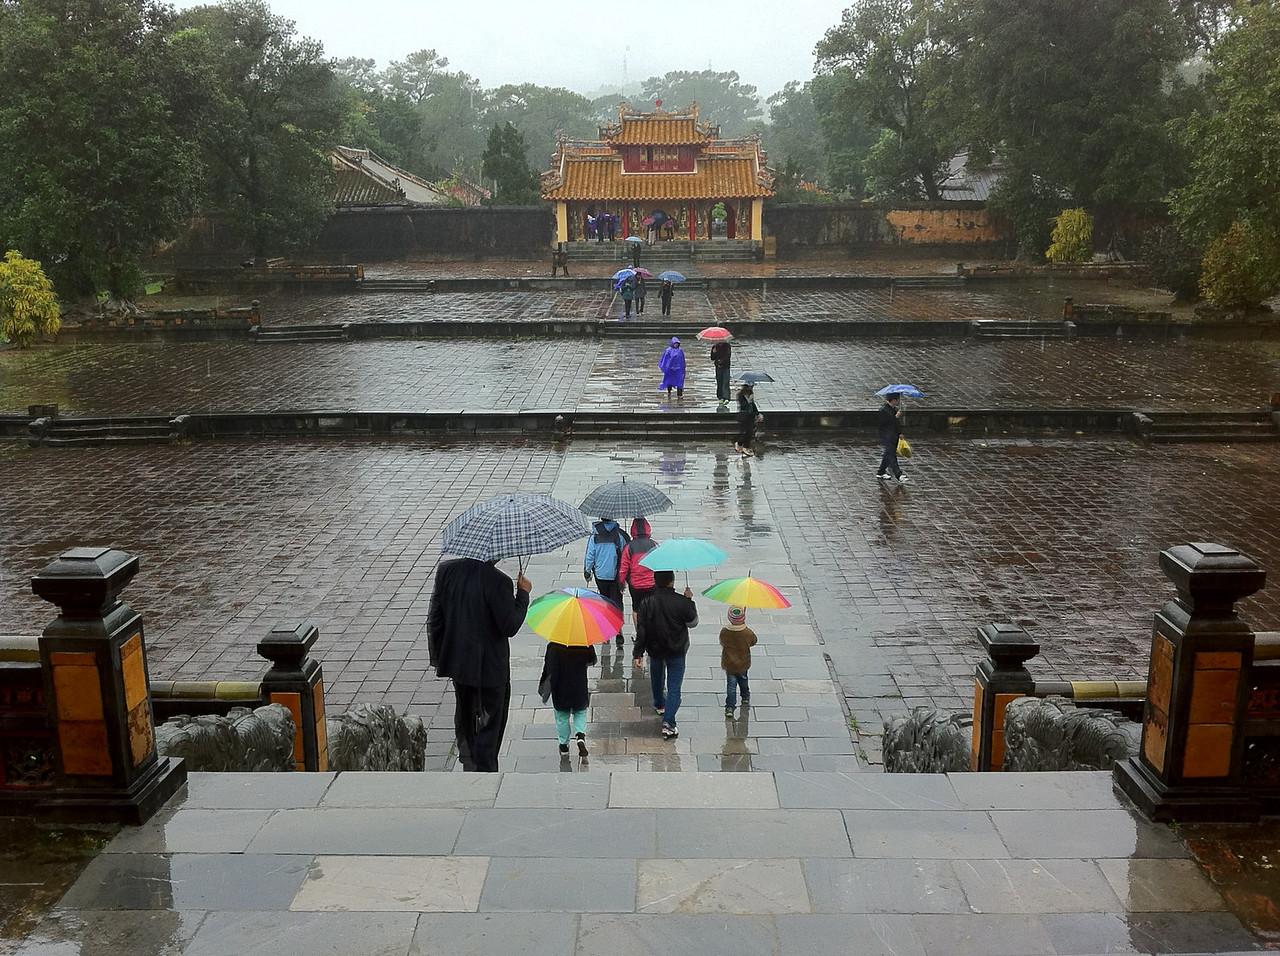 Inside the Minh Mang Mausoleum complex